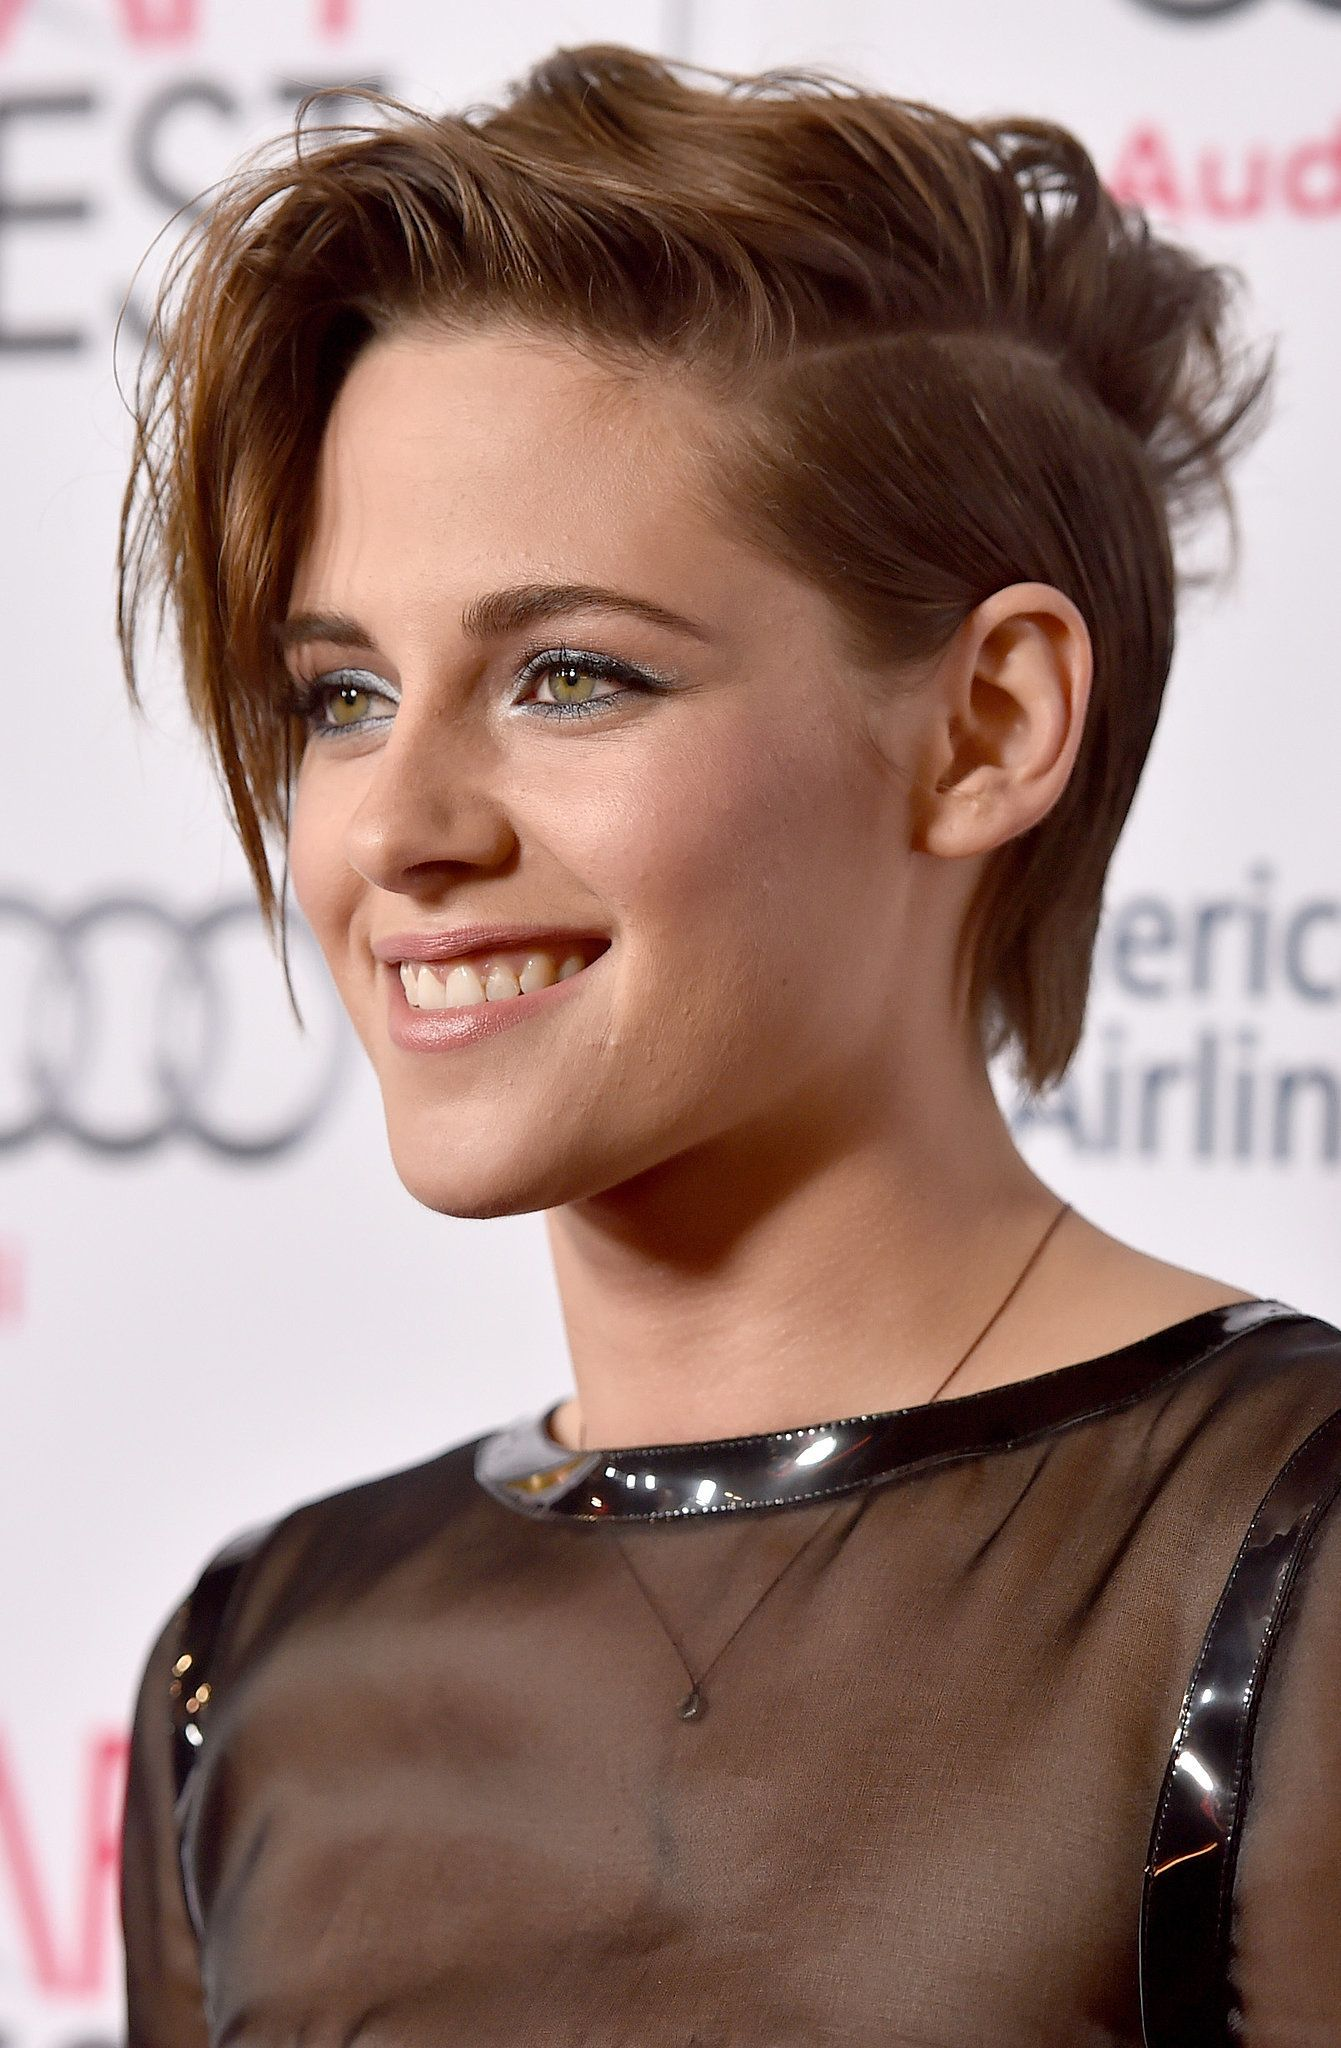 Kristen stewart hair inspiration pinterest undercut short